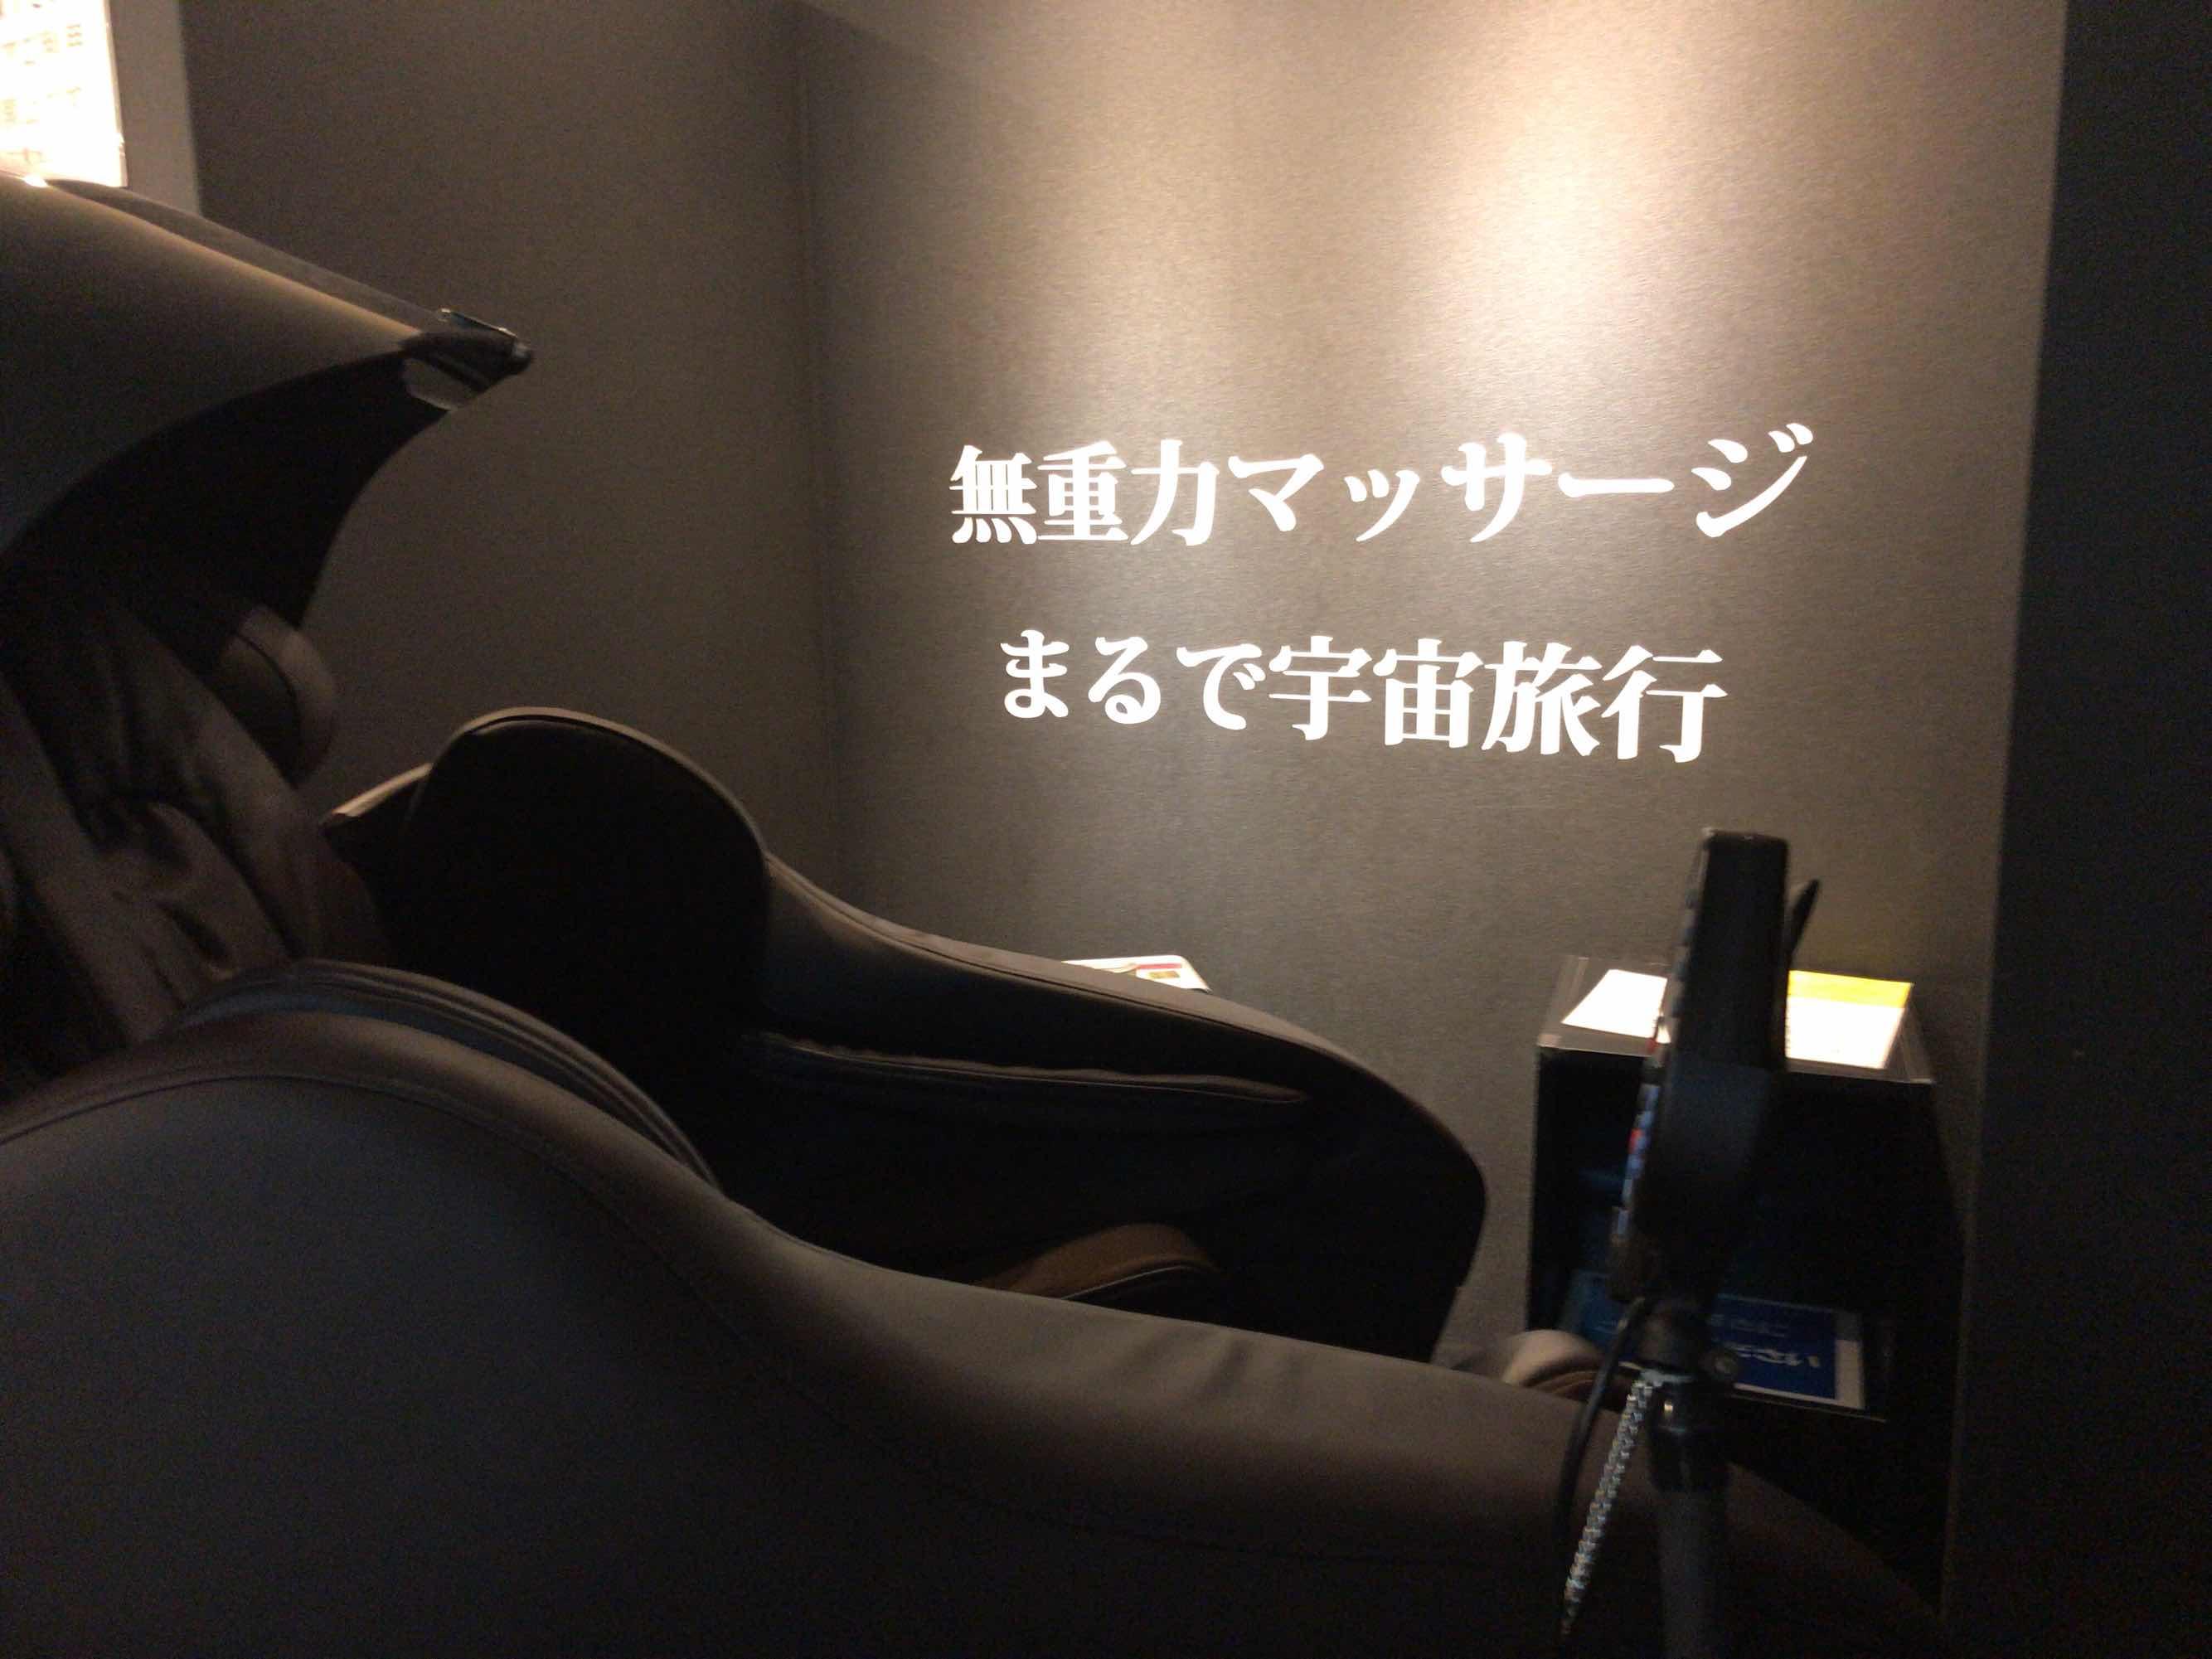 【新大阪駅2階】10分200円で手軽に使える無重力マッサージチェアがめちゃくちゃ気持ちよかった!新幹線乗る前とかにおすすめ!